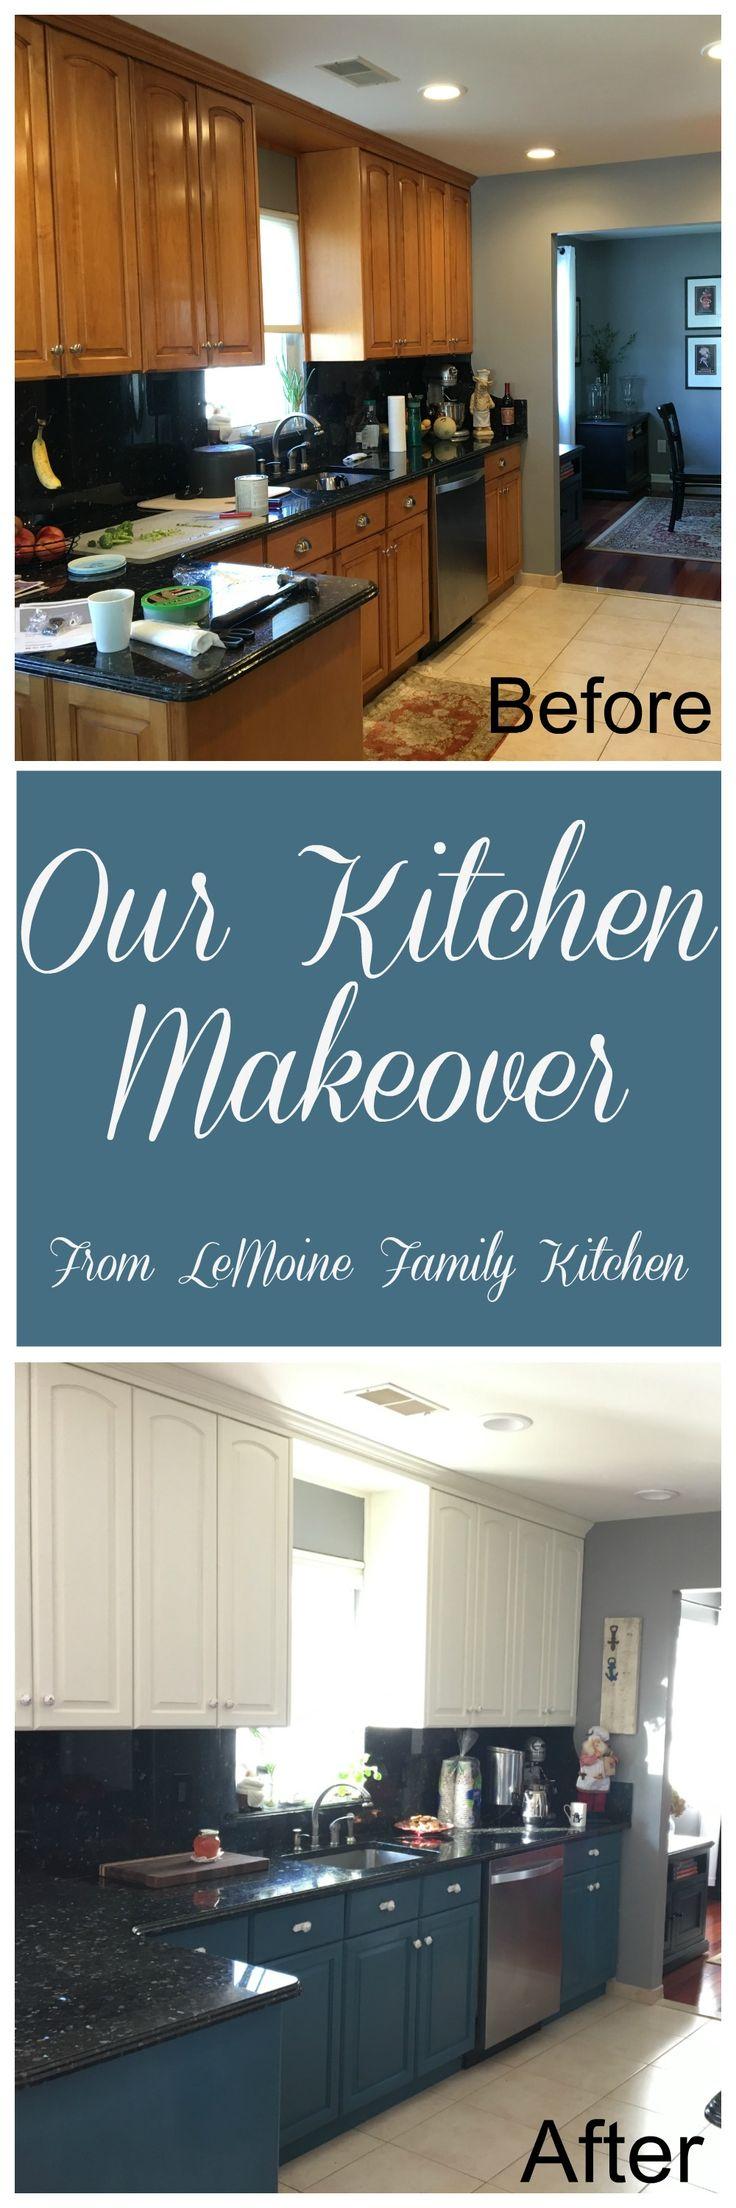 487 best LeMoine Family Kitchen images on Pinterest